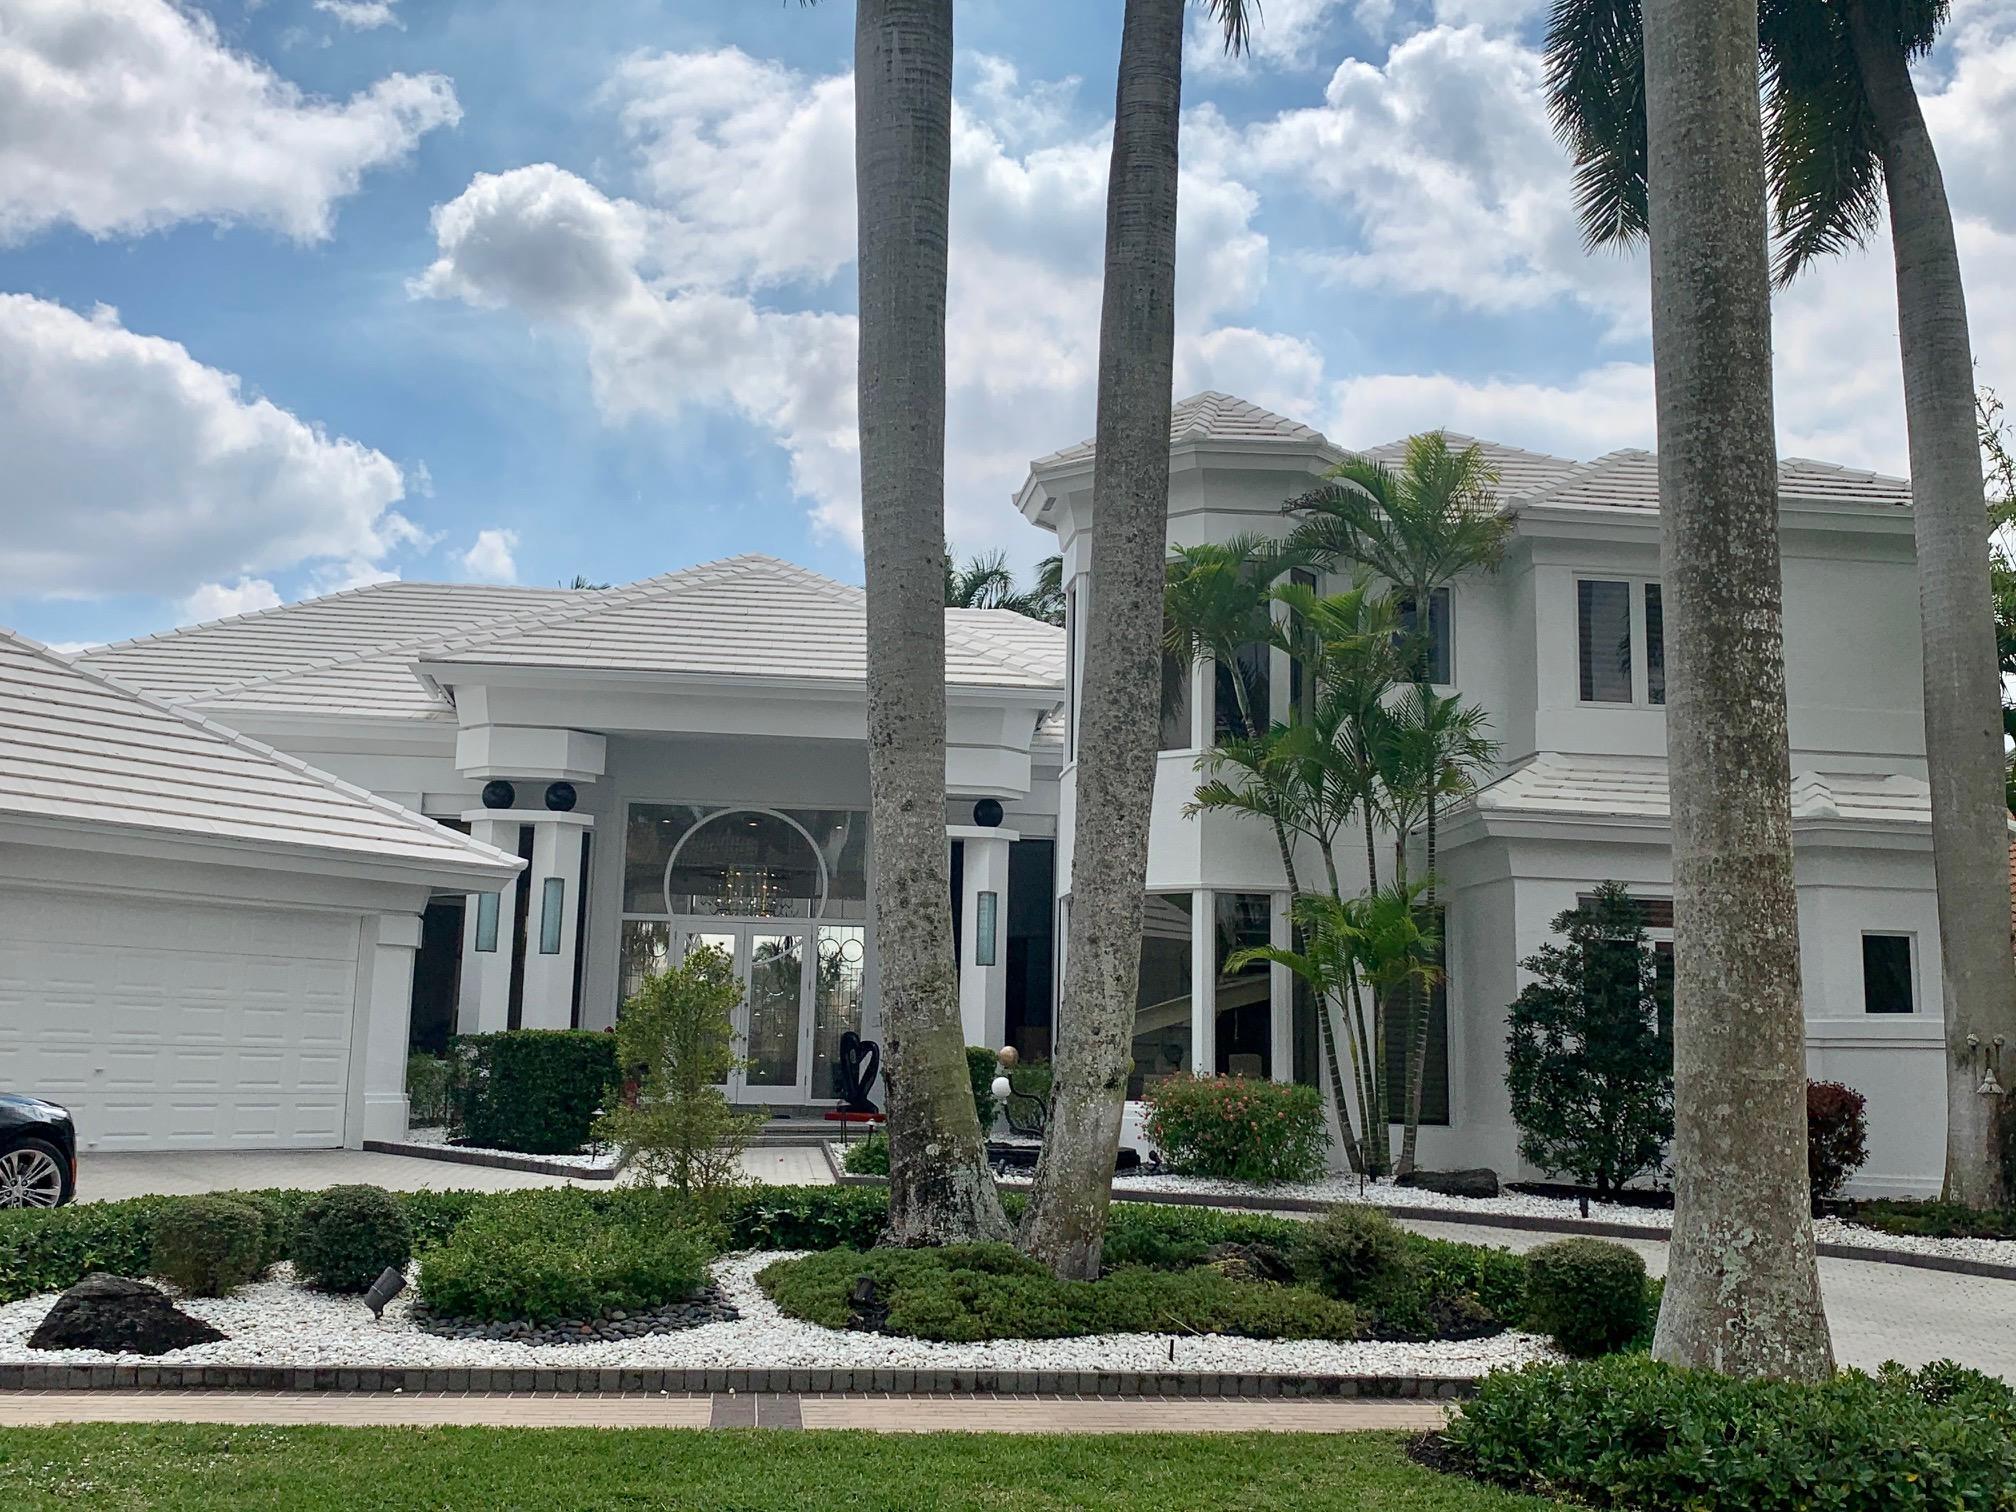 17319 St James Court  Boca Raton, FL 33496